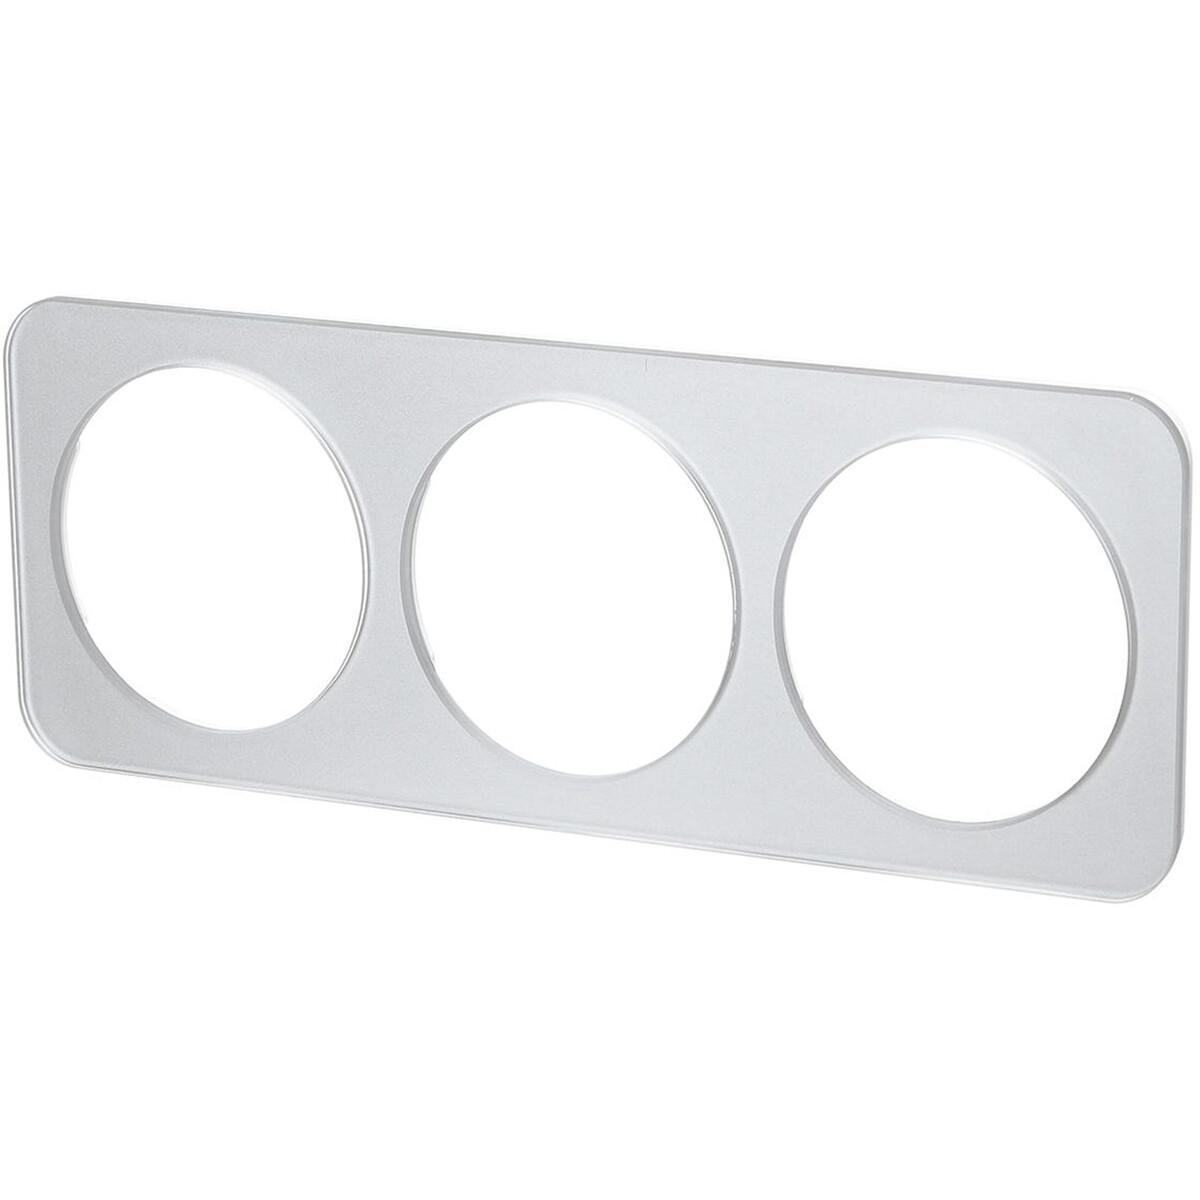 Afdekraam - Aigi Jura - 3-voudig - Rond - Glas - Zilver